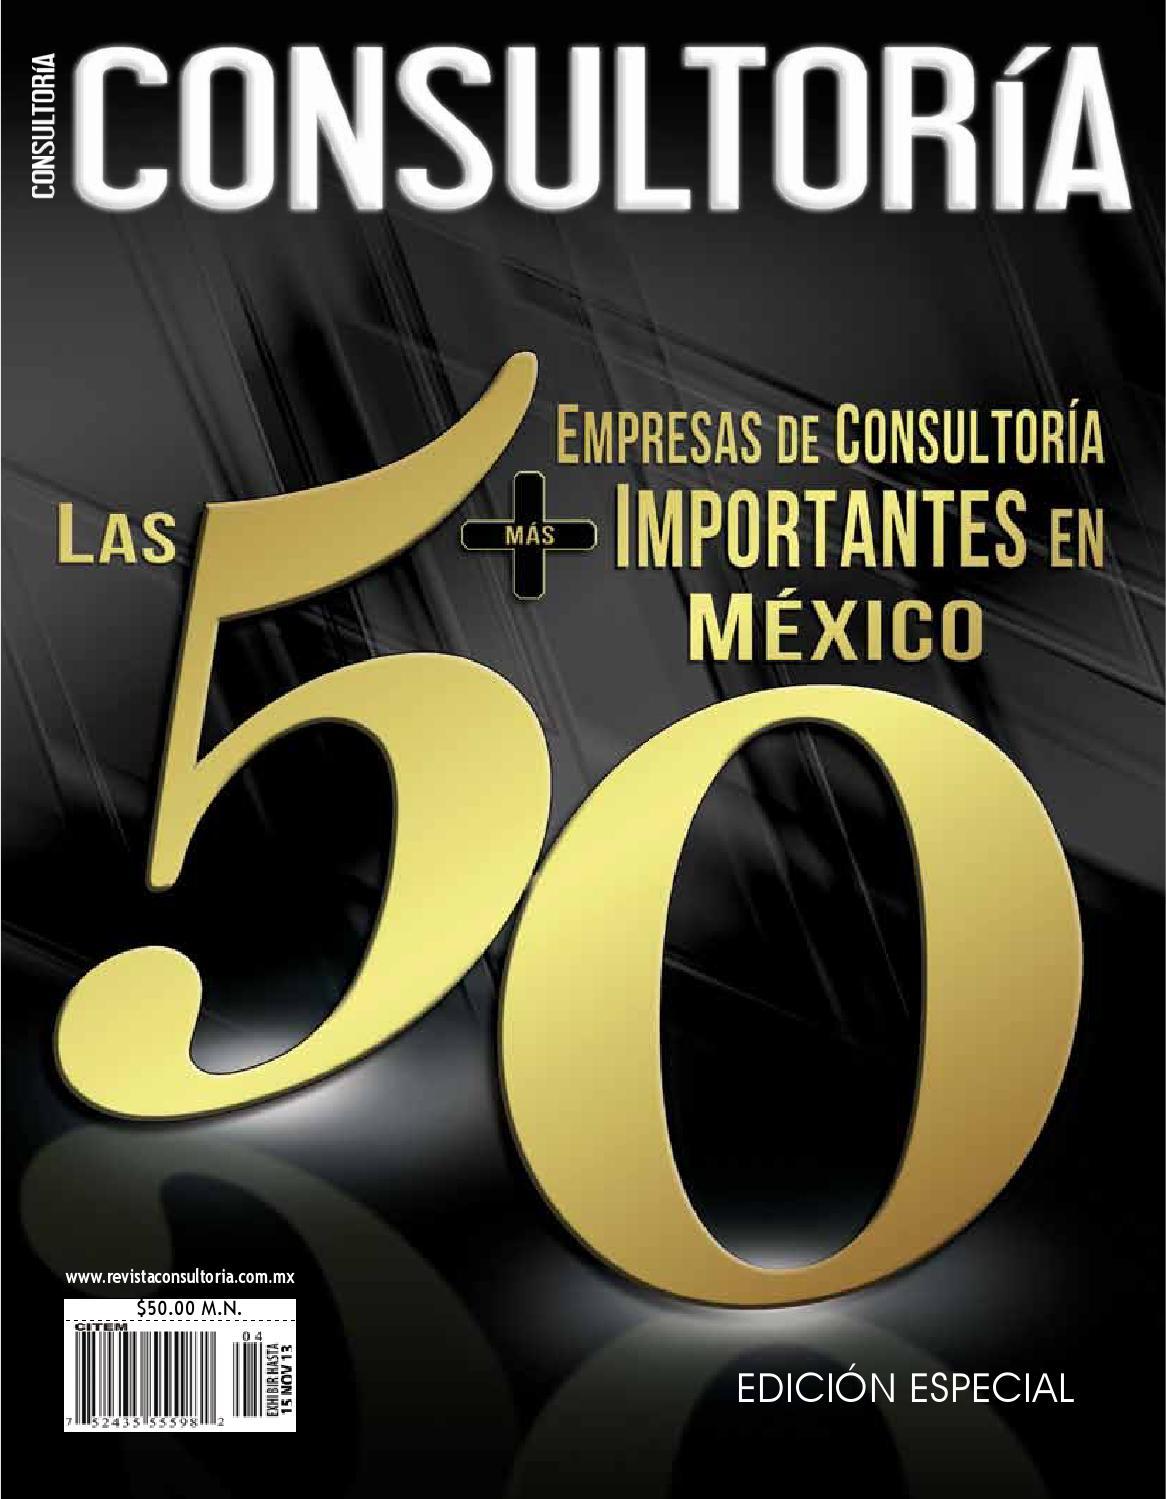 Las 50 Empresas De Consultoría Más Importantes En México By